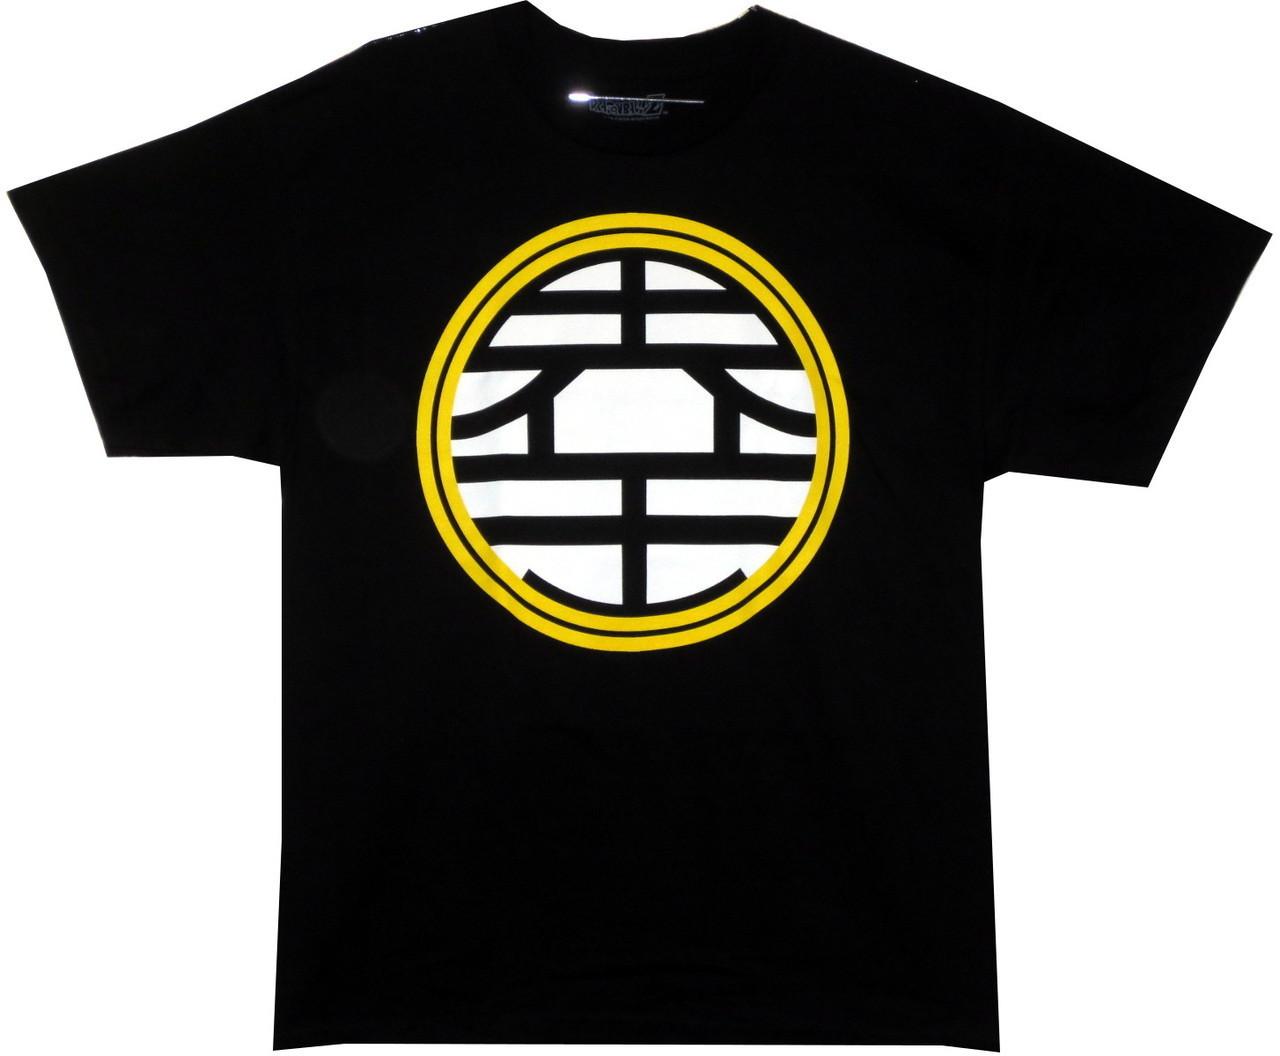 Dragonball Z King Kaio Symbol T Shirt Nerdkungfu